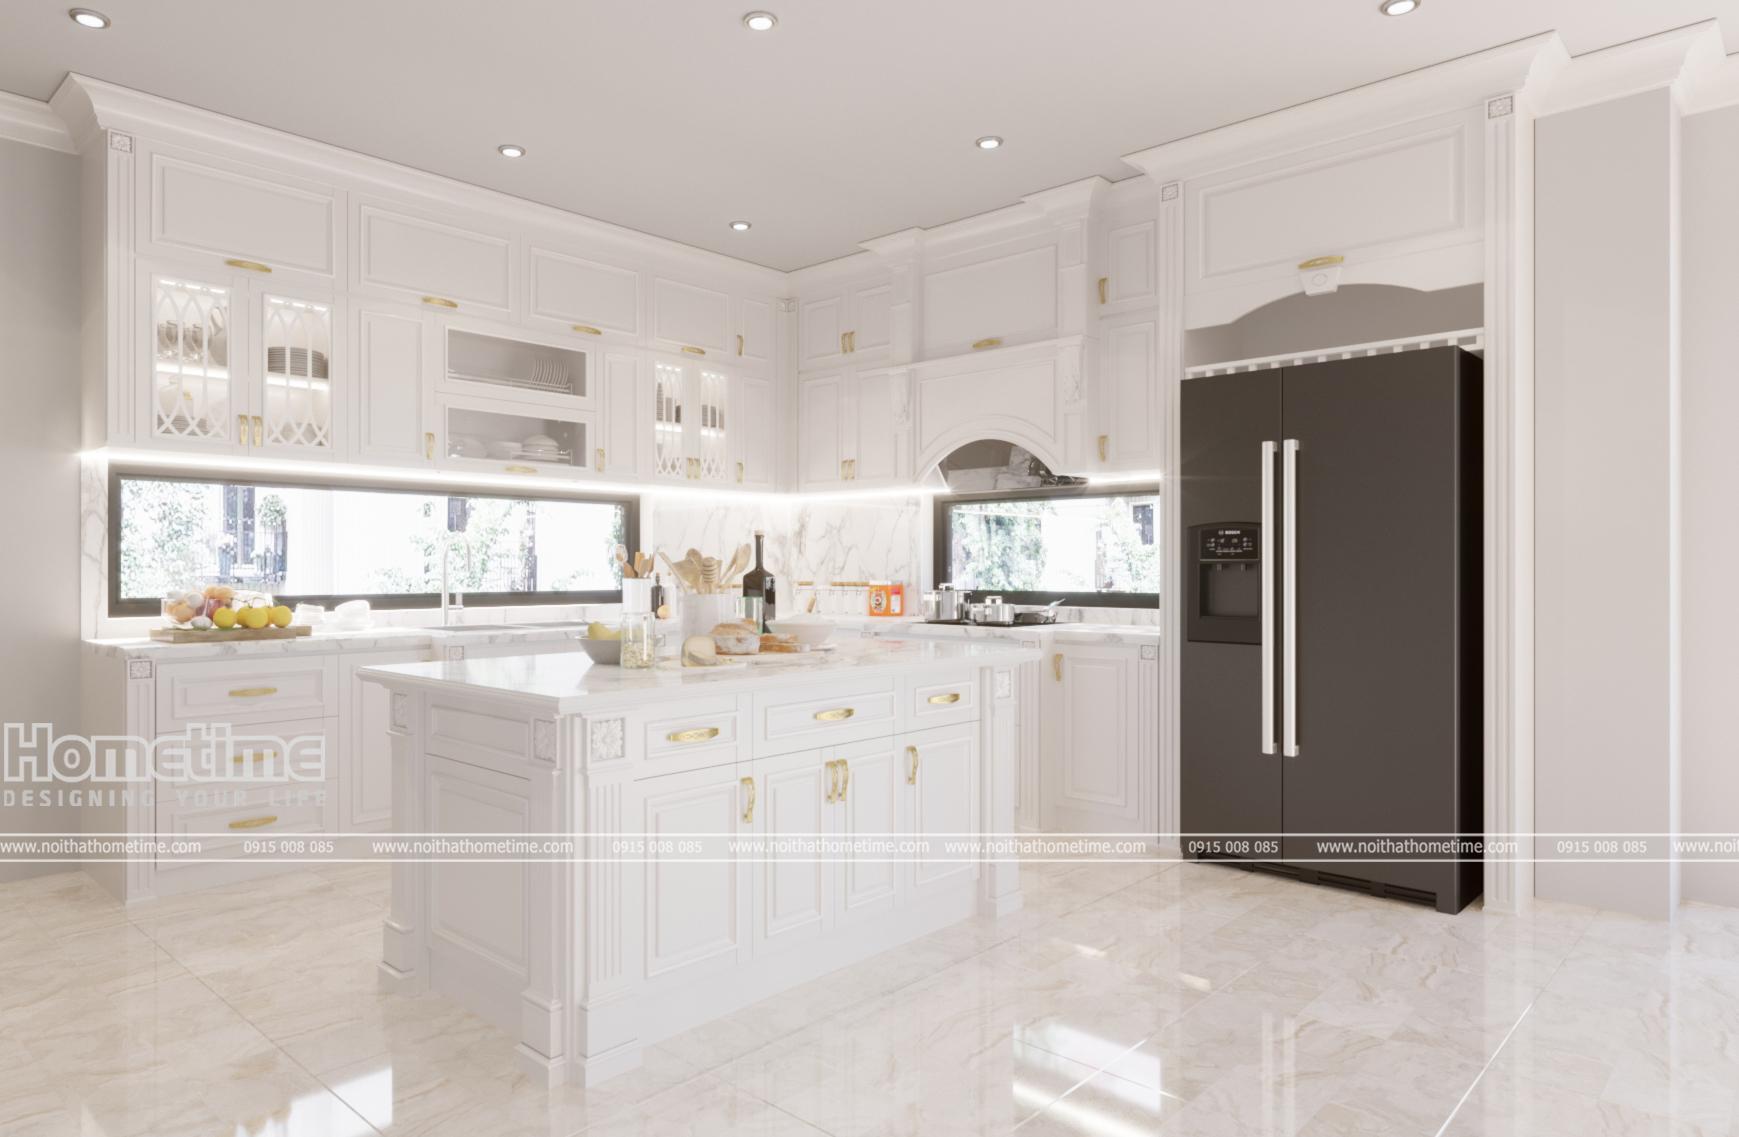 Thiết kế tủ bếp Tân Cổ Điển nhà cô Hương Ecopark Hưng Yên